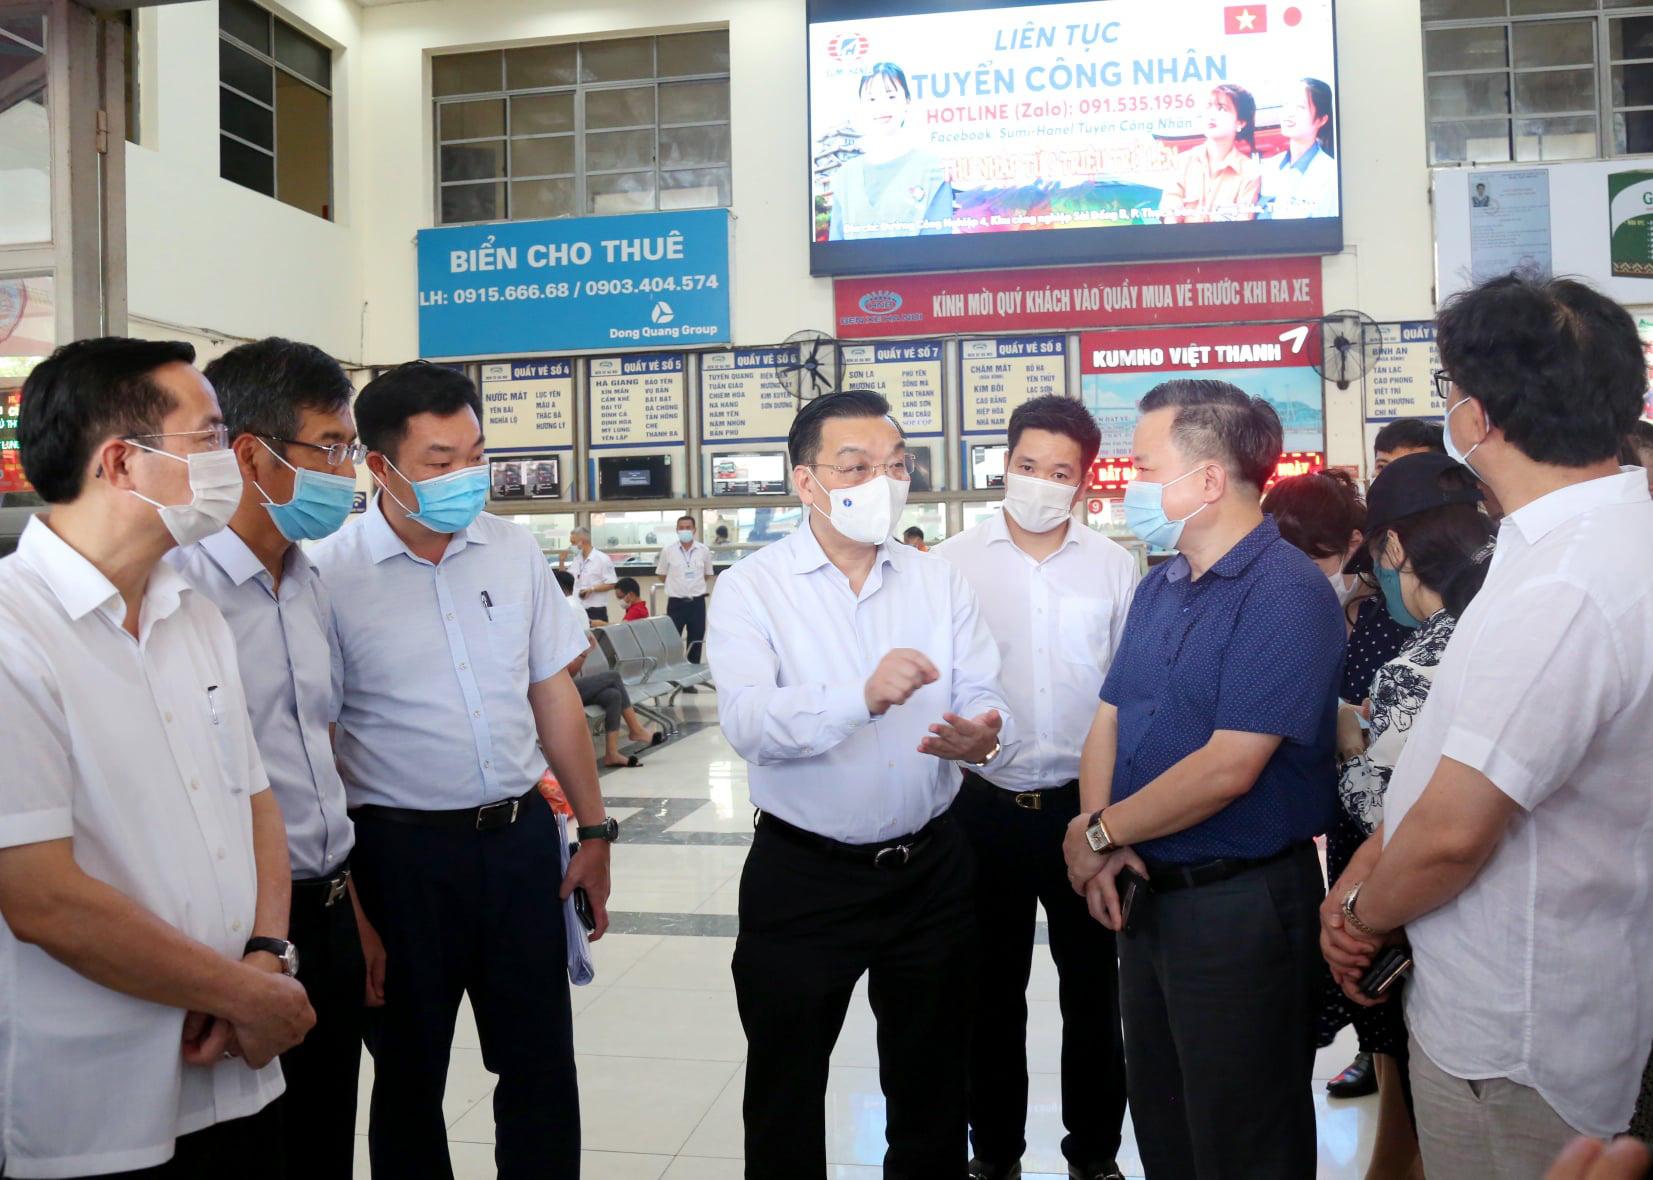 Chủ tịch Hà Nội đến sân bay, bến xe và chung cư đi kiểm tra phòng chống dịch Covid-19 - Ảnh 2.